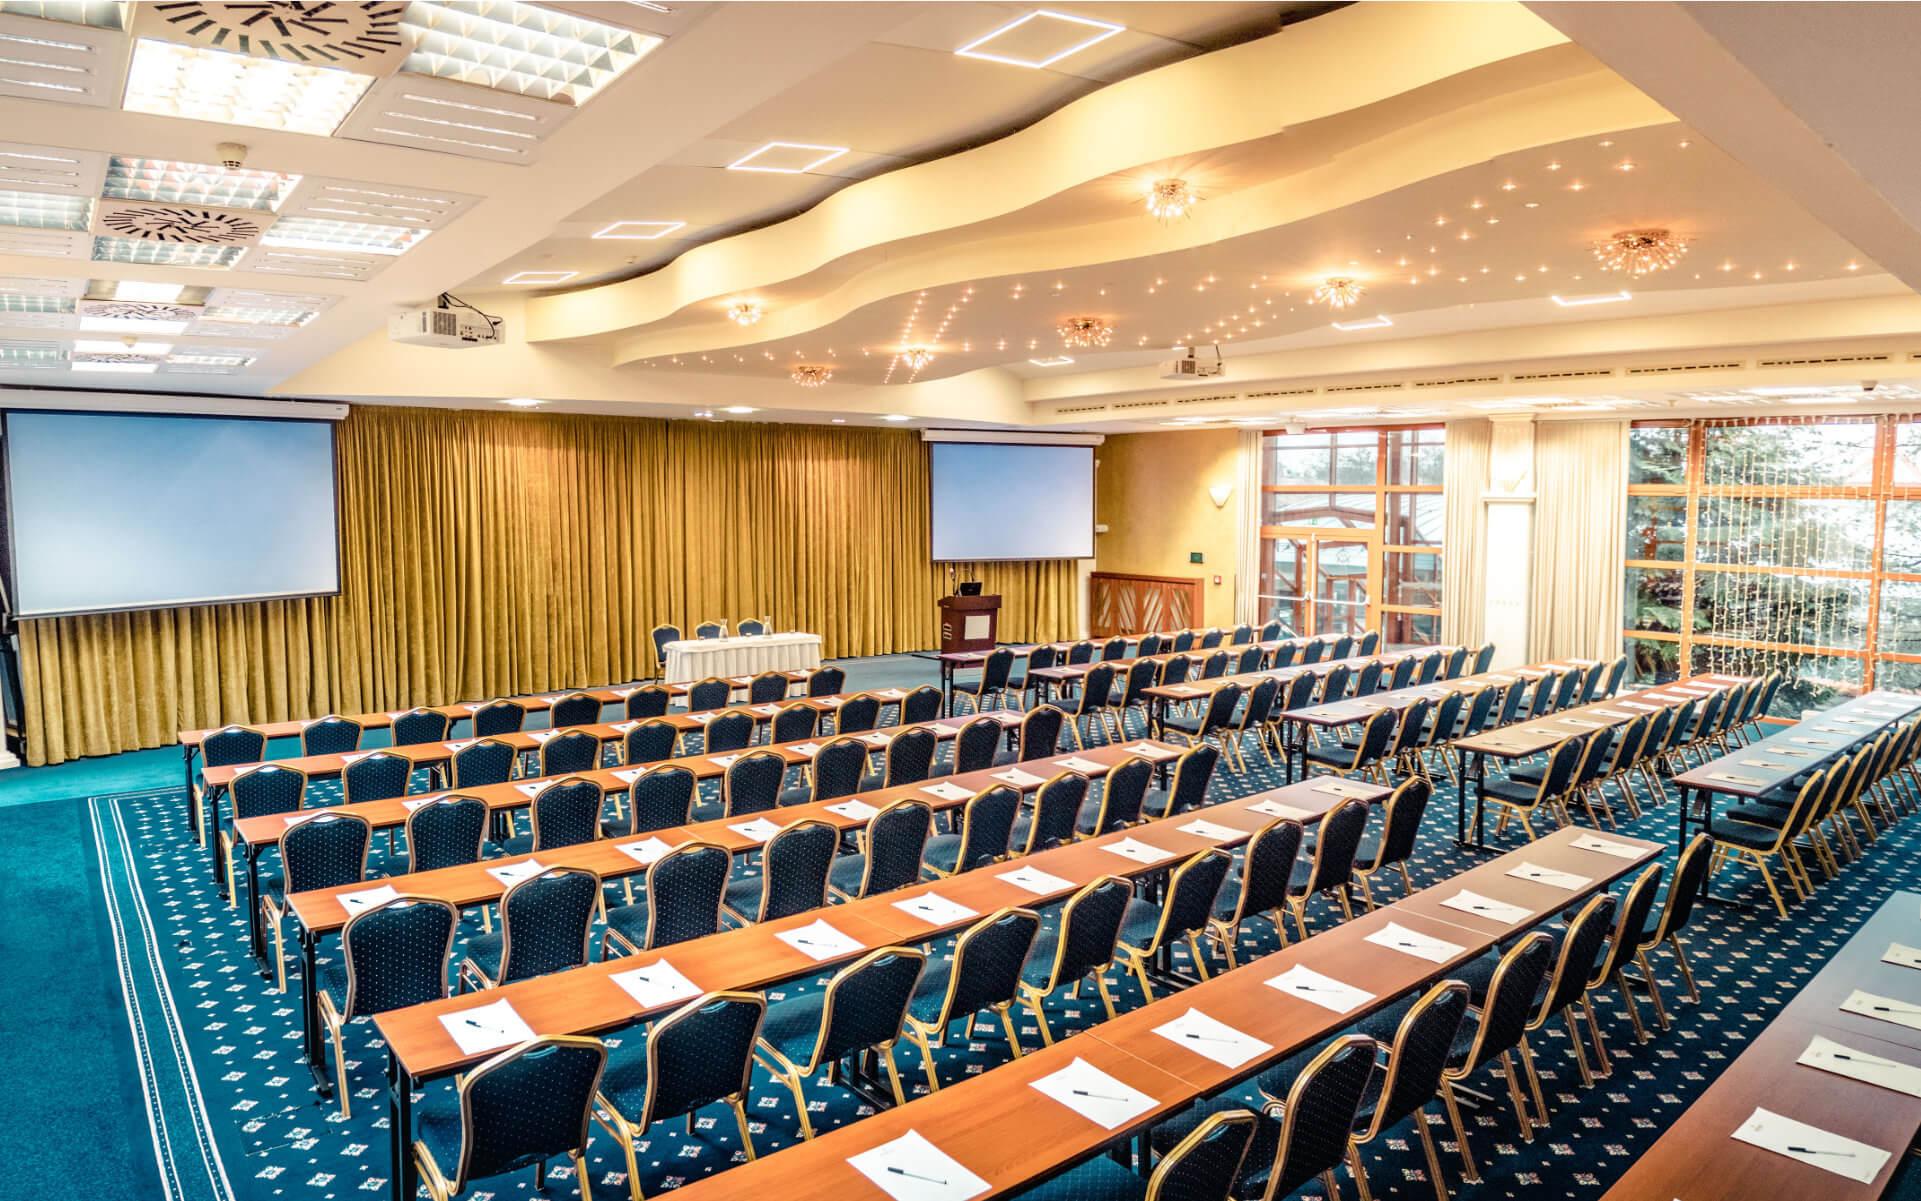 Palas Atena Kaskady - konferenčná, kongresová sála na prenájom pre eventy